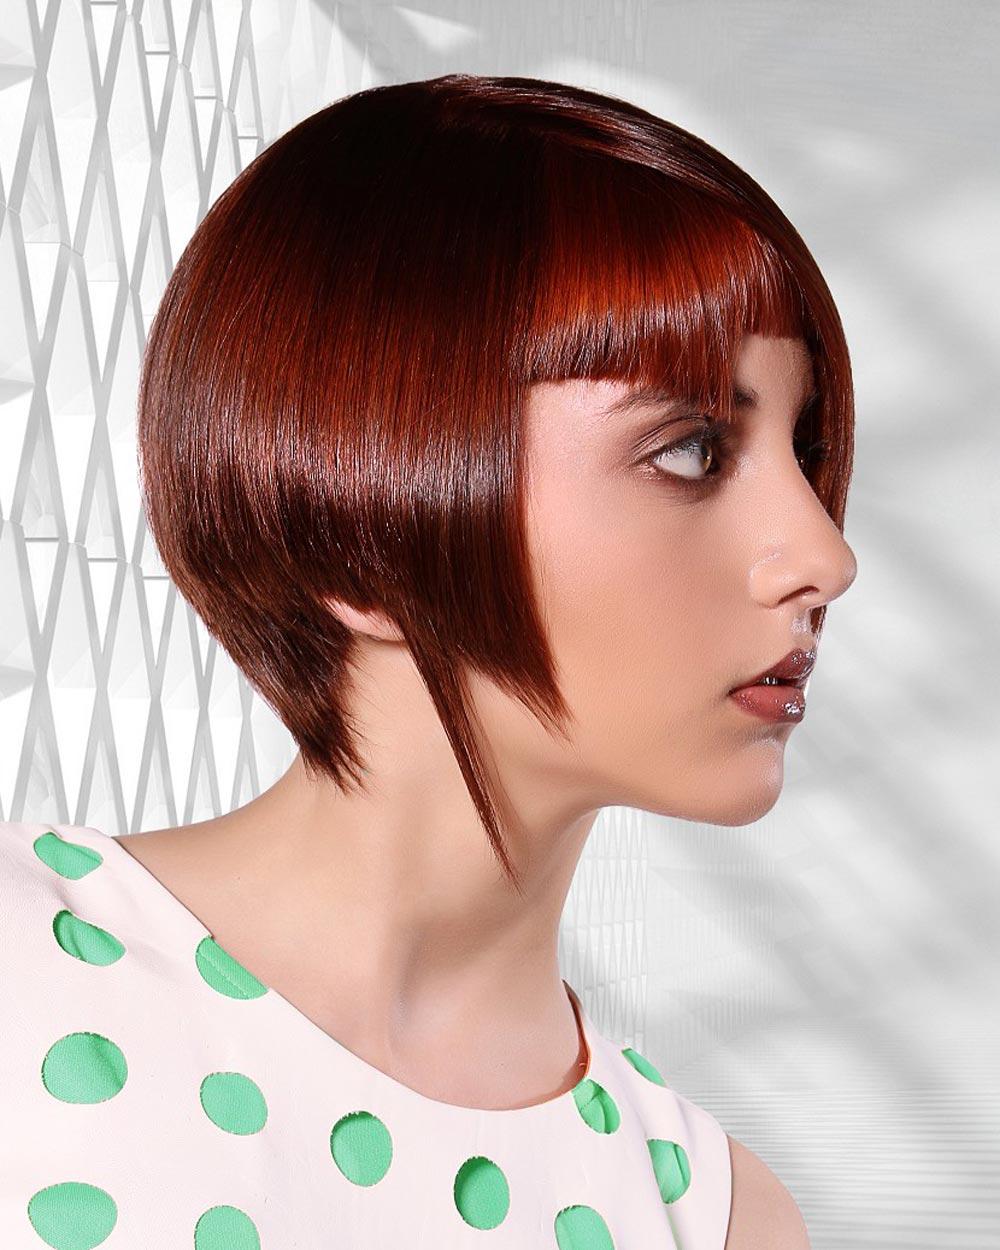 Najděte jarní harmonii v asymetrickém účesu. Účes je z kolekce Perfectly Mod od Hair Bender Internationalé.